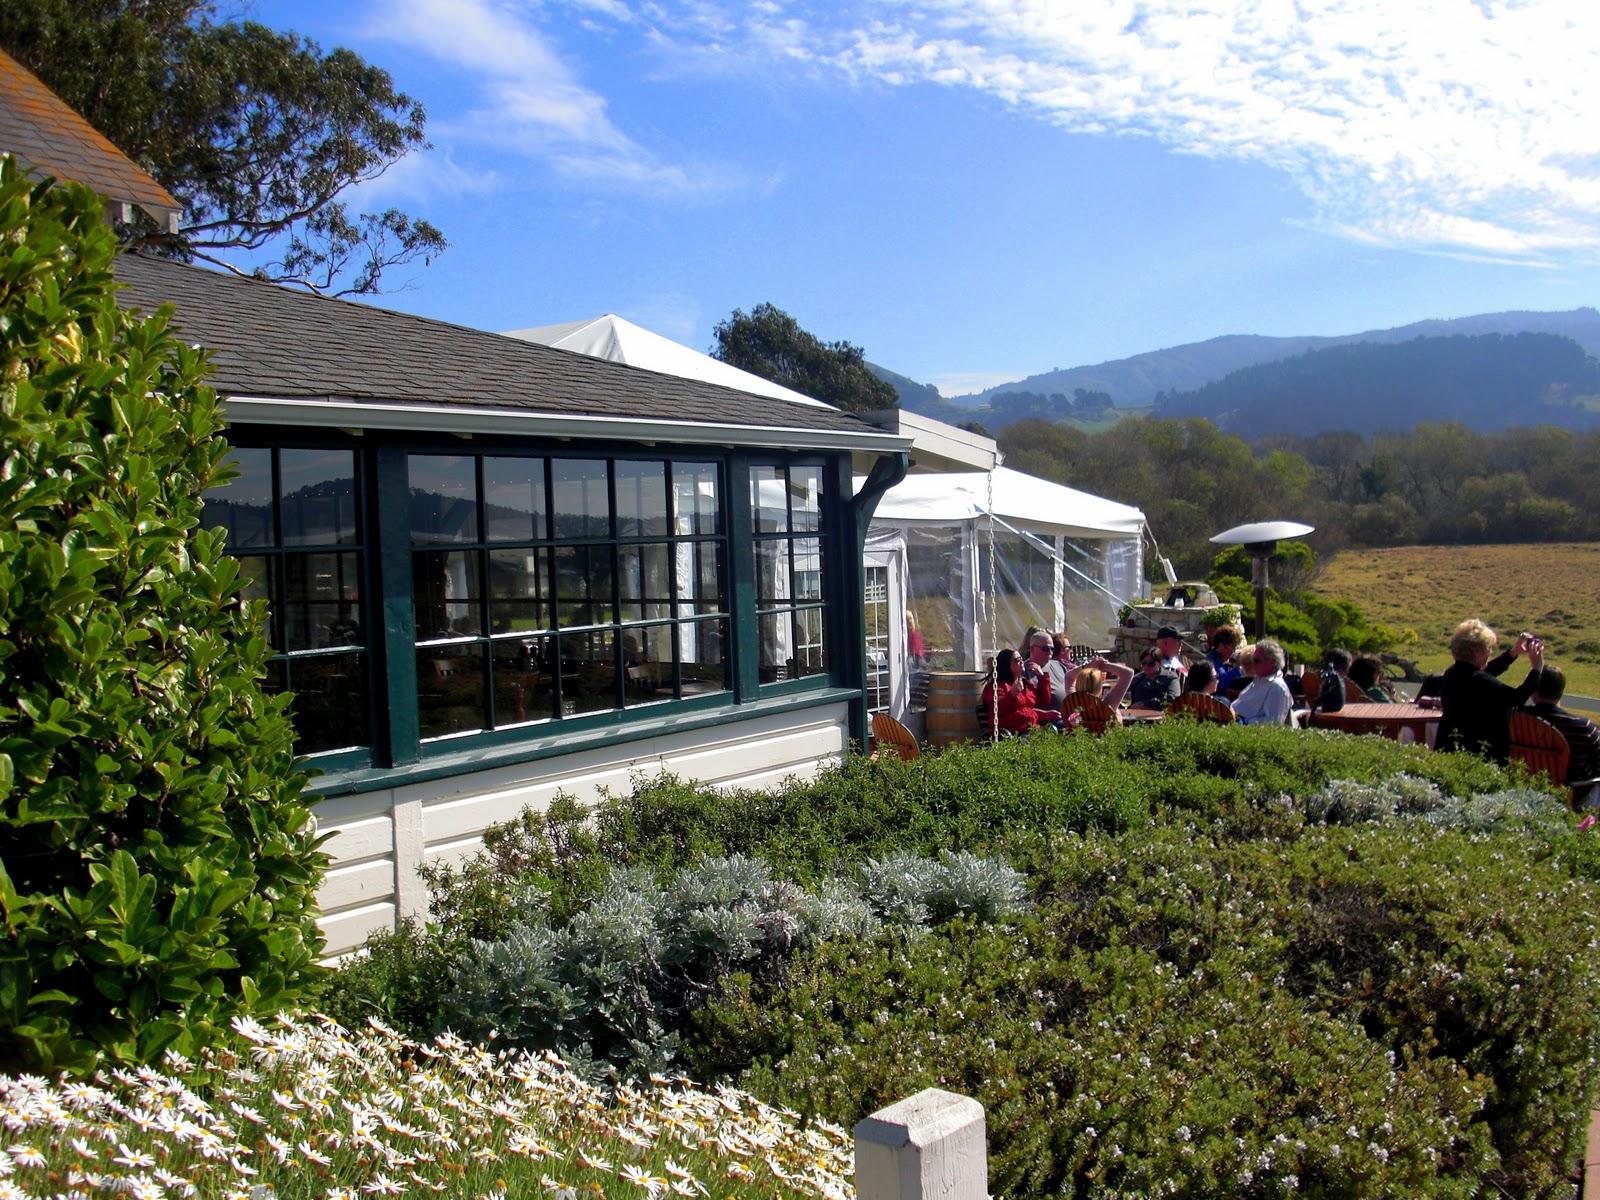 Daytripping: Mission Ranch, Carmel